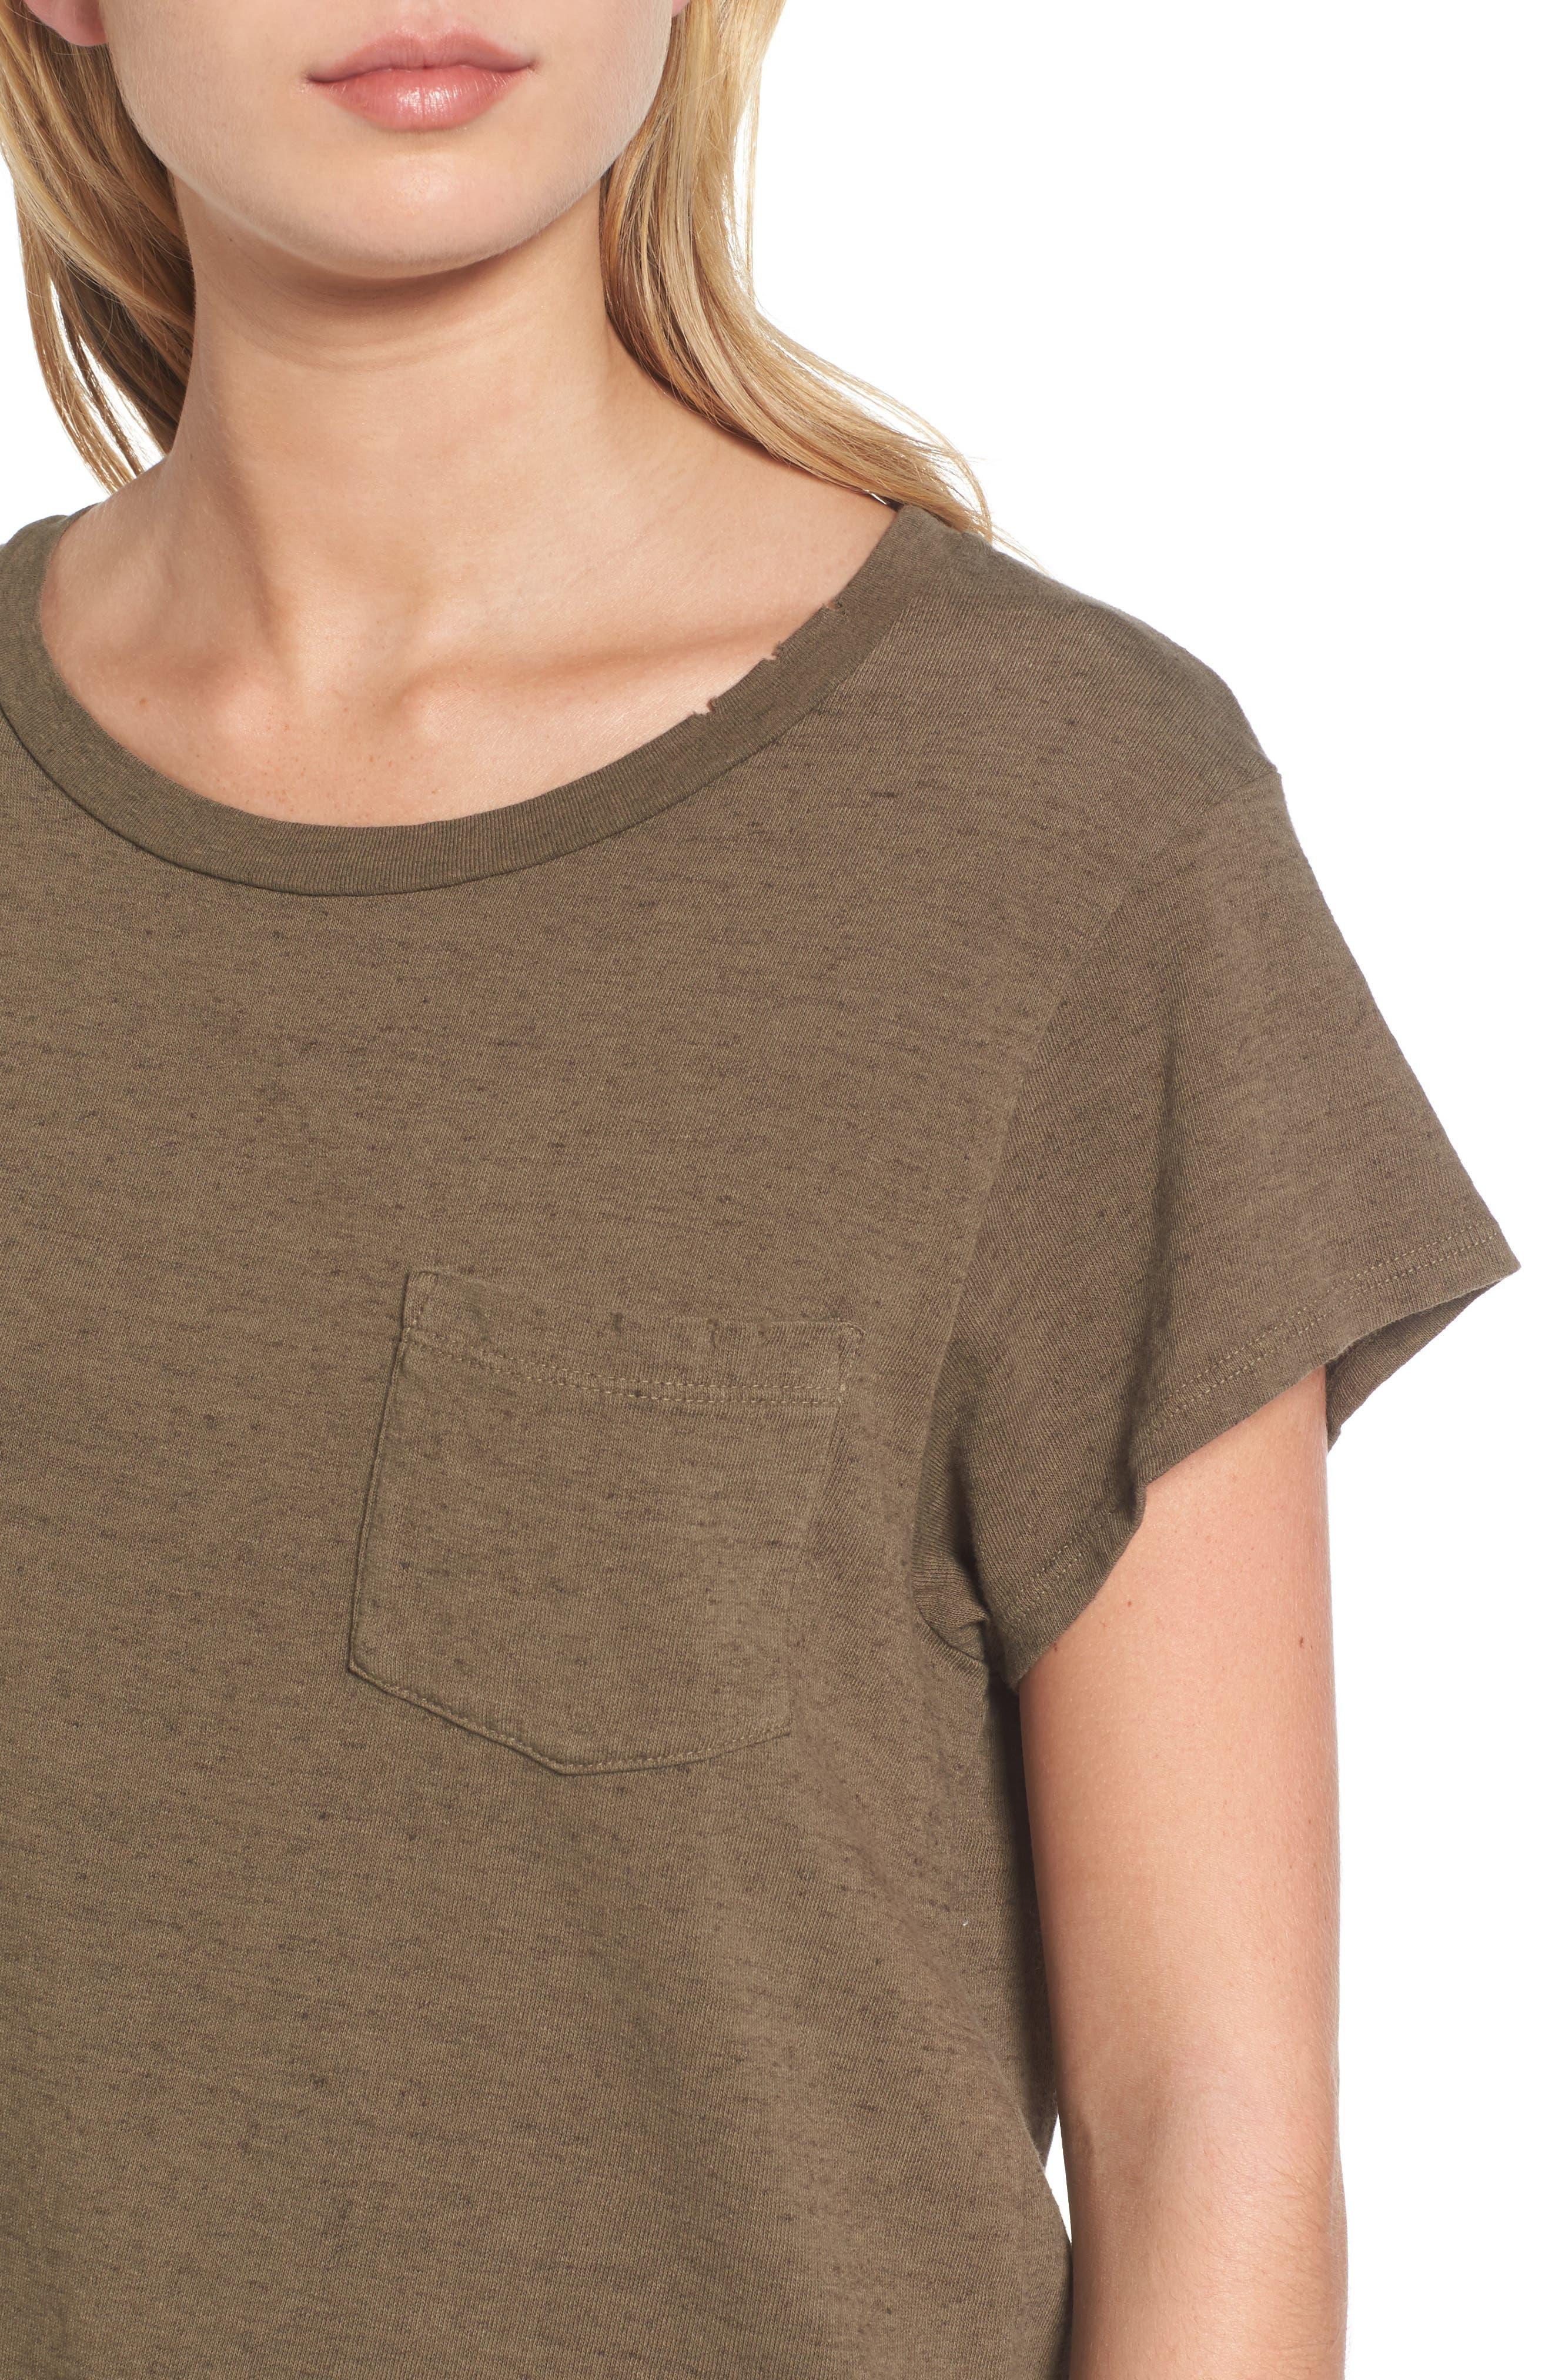 Vintage Sweatshirt Tee,                             Alternate thumbnail 4, color,                             305